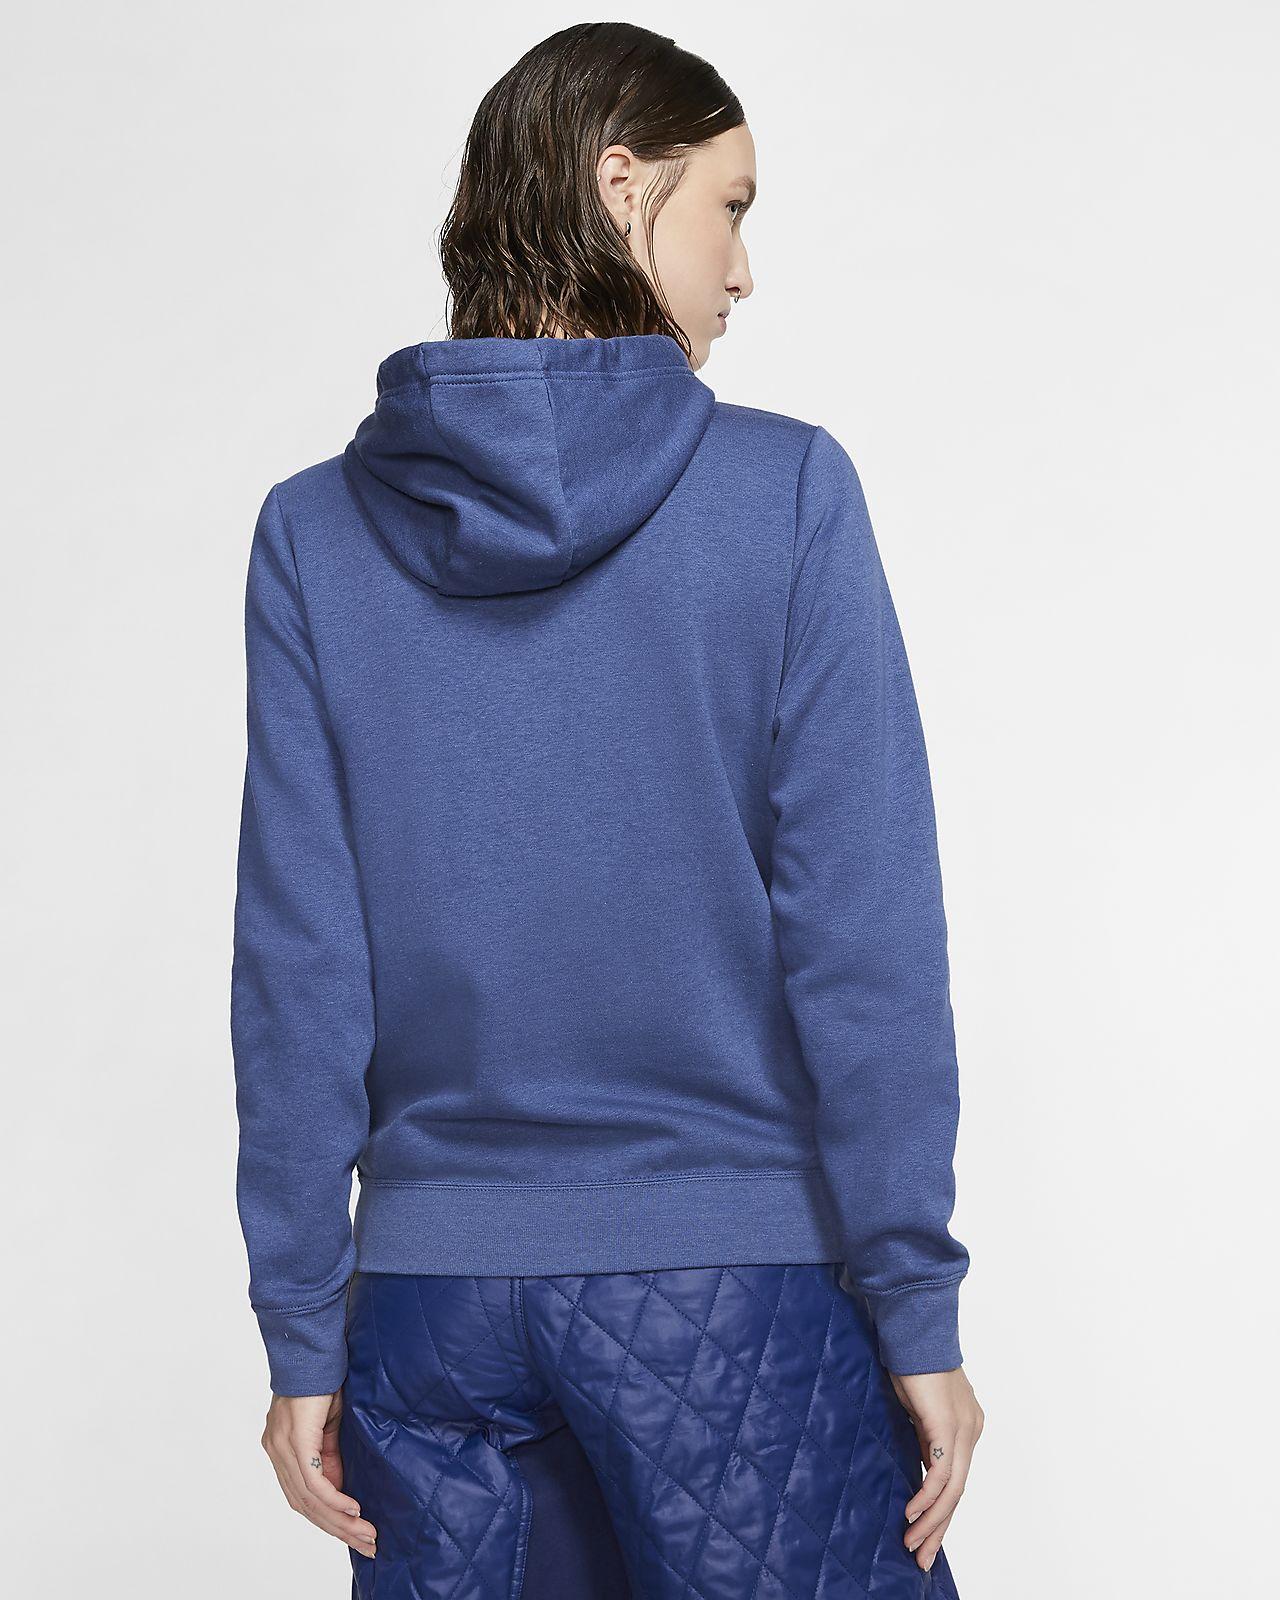 Nike Sportswear Women's Full Zip Logo Hoodie Blue